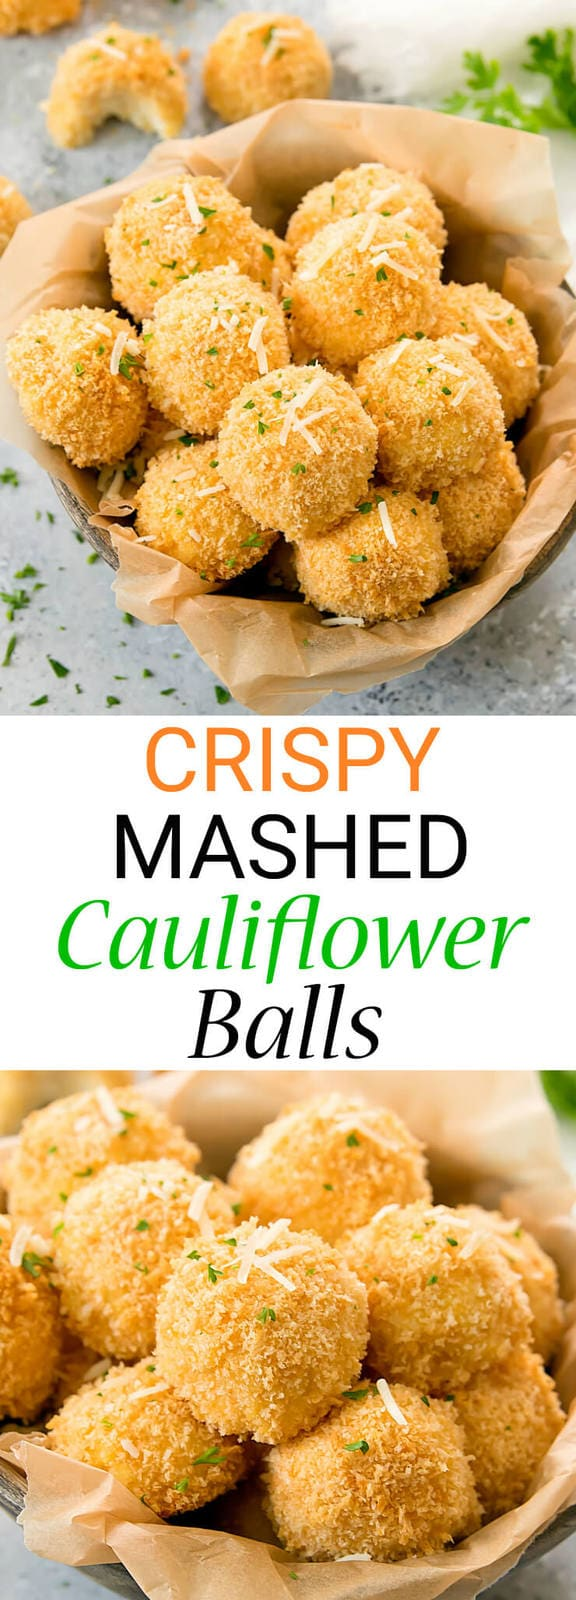 Crispy Baked Mashed Cauliflower Balls. A fun way to served mashed cauliflower and a good way to use up leftover mashed cauliflower.